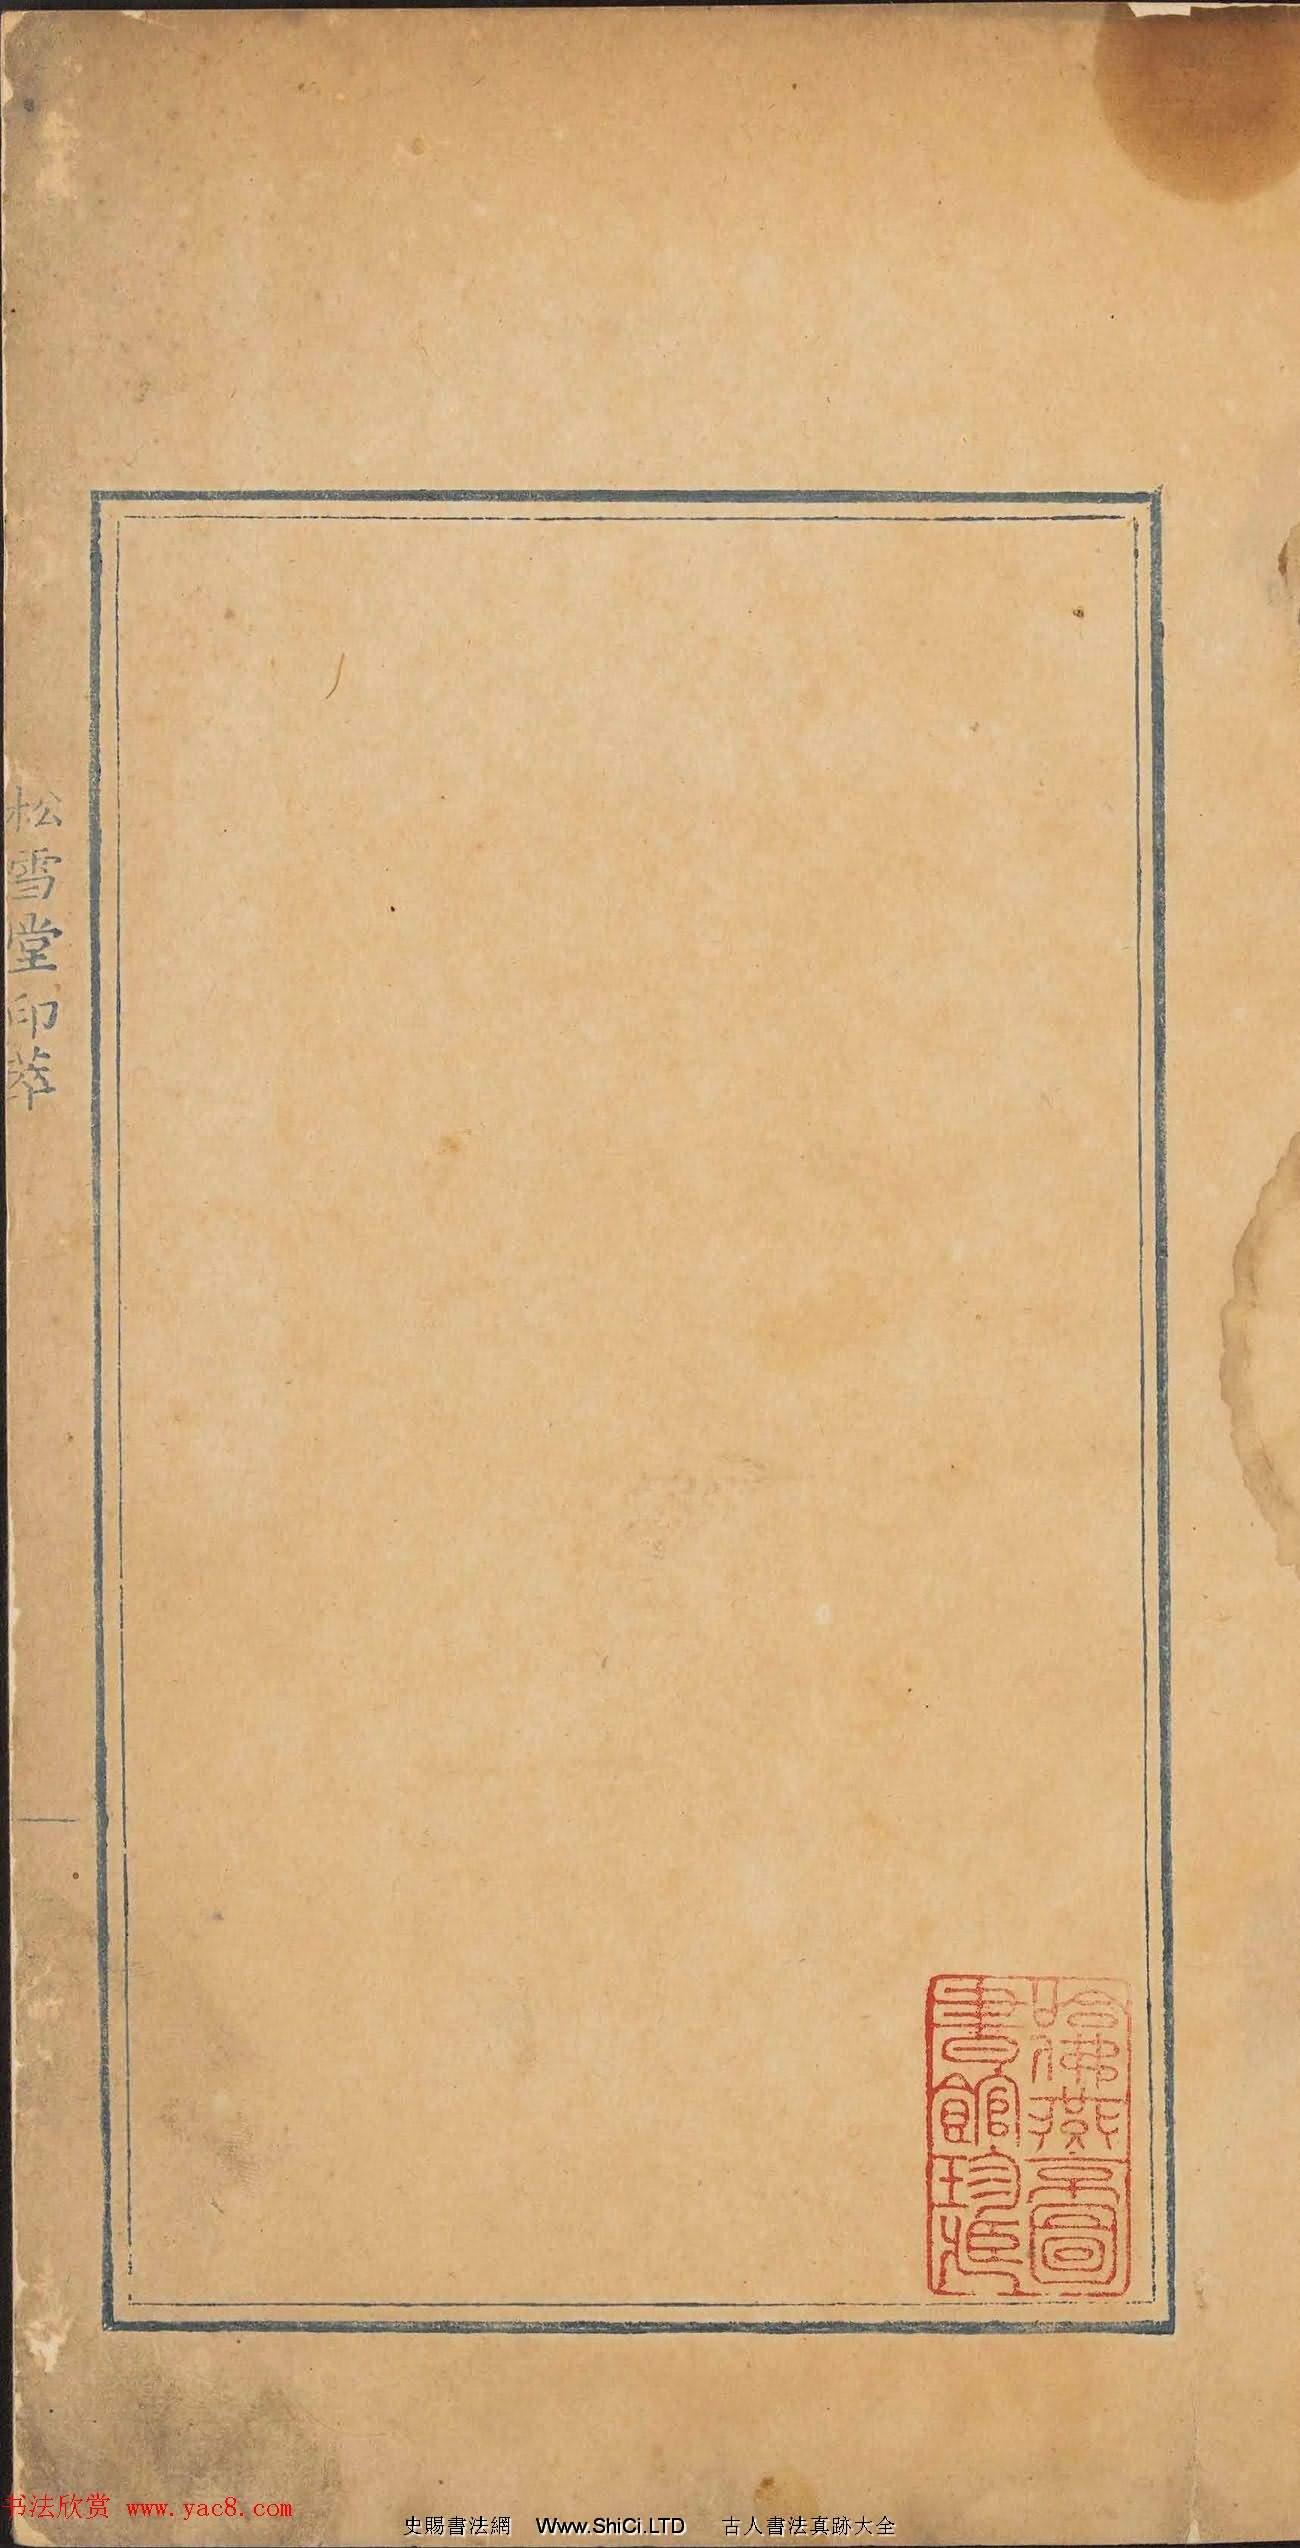 清乾隆時期鈐印本《松雪堂印萃》第三冊(共54張圖片)